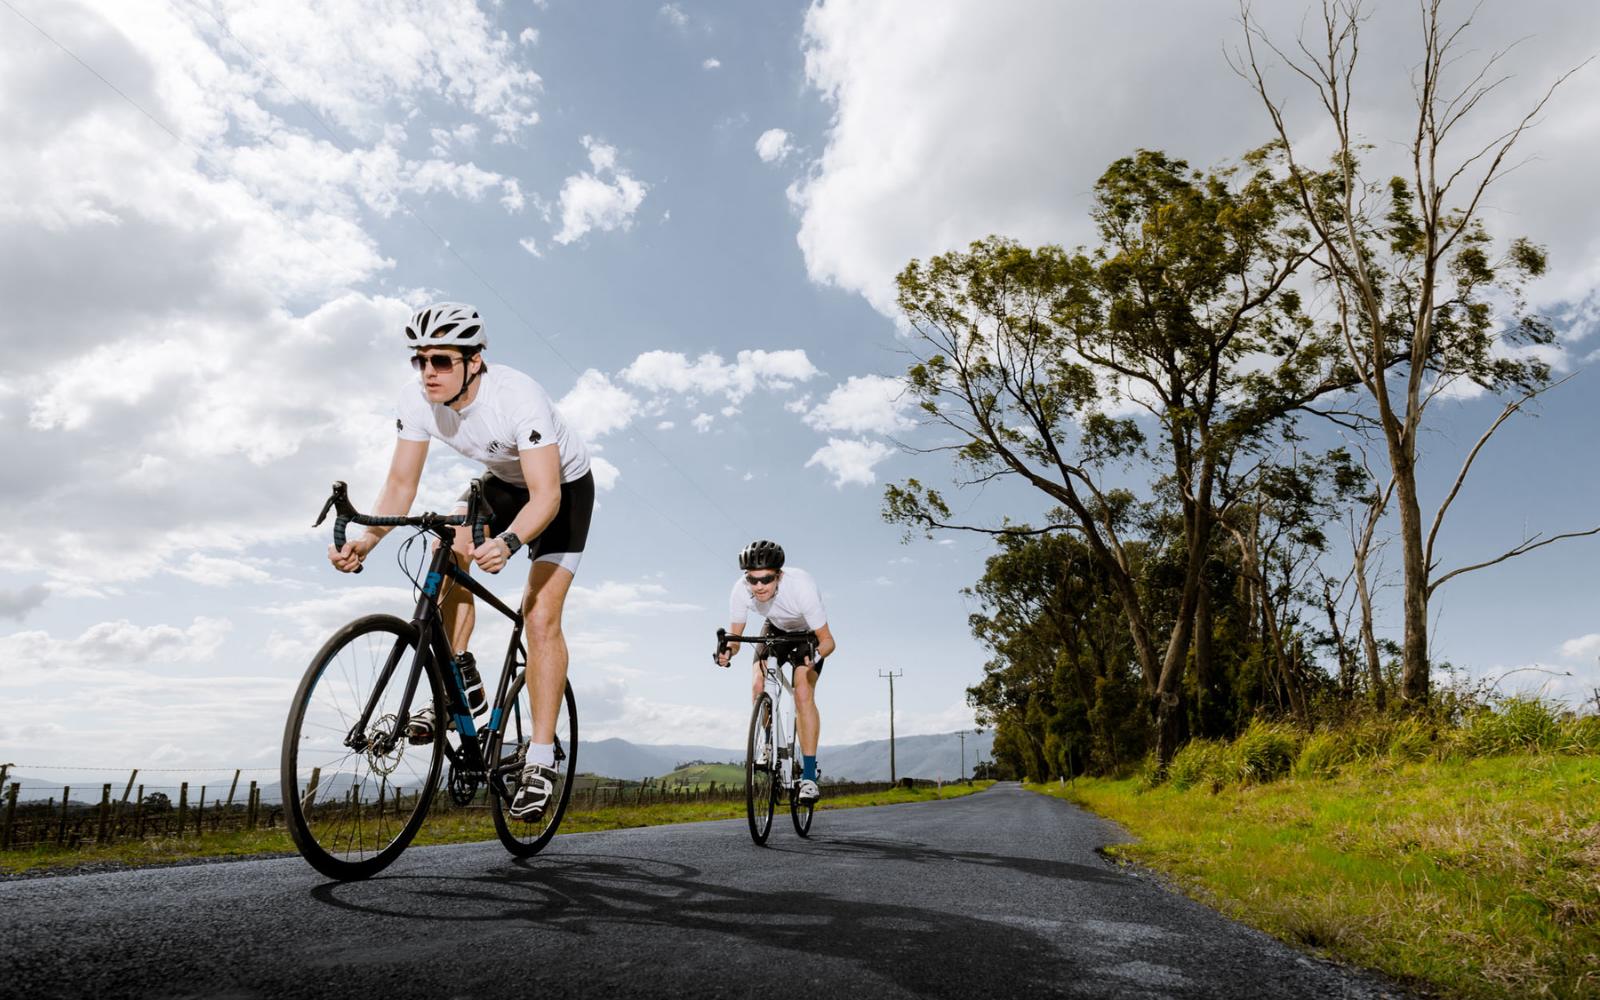 71 1 - Reid ® - Vantage Endurance 2.0 Bike